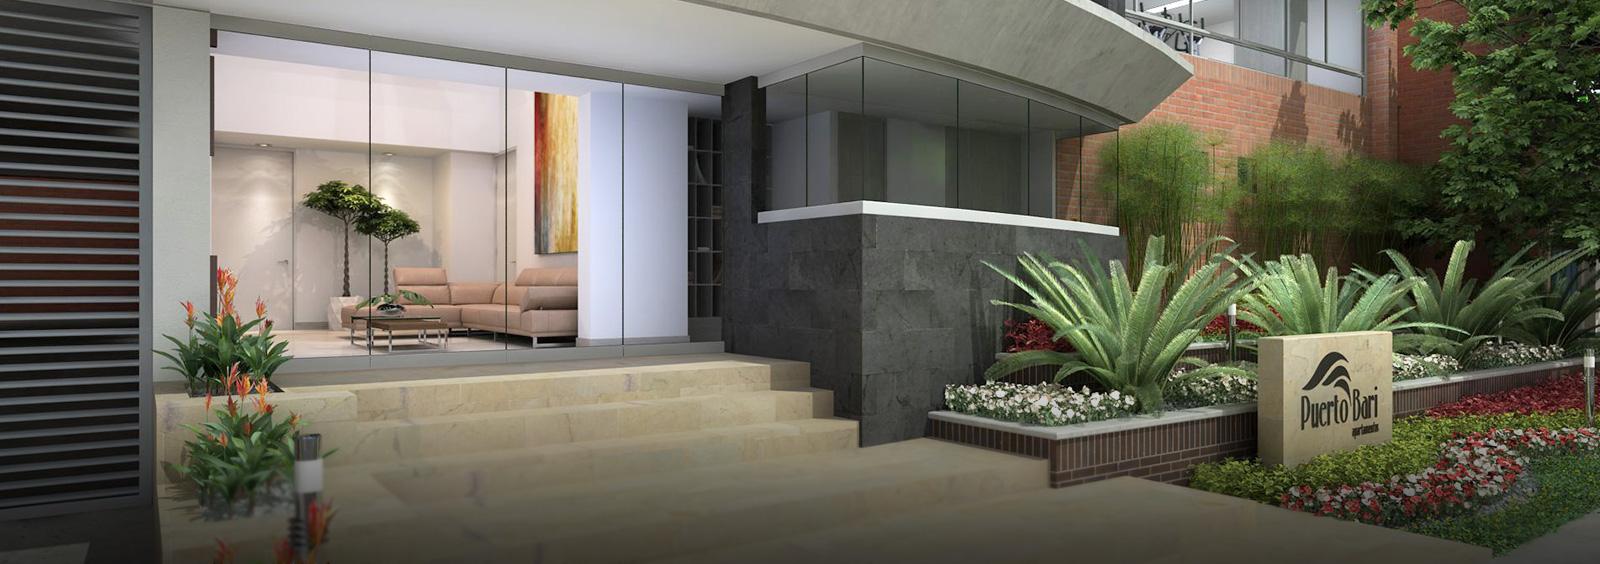 Elegante acceso con hermoso lobby en doble altura